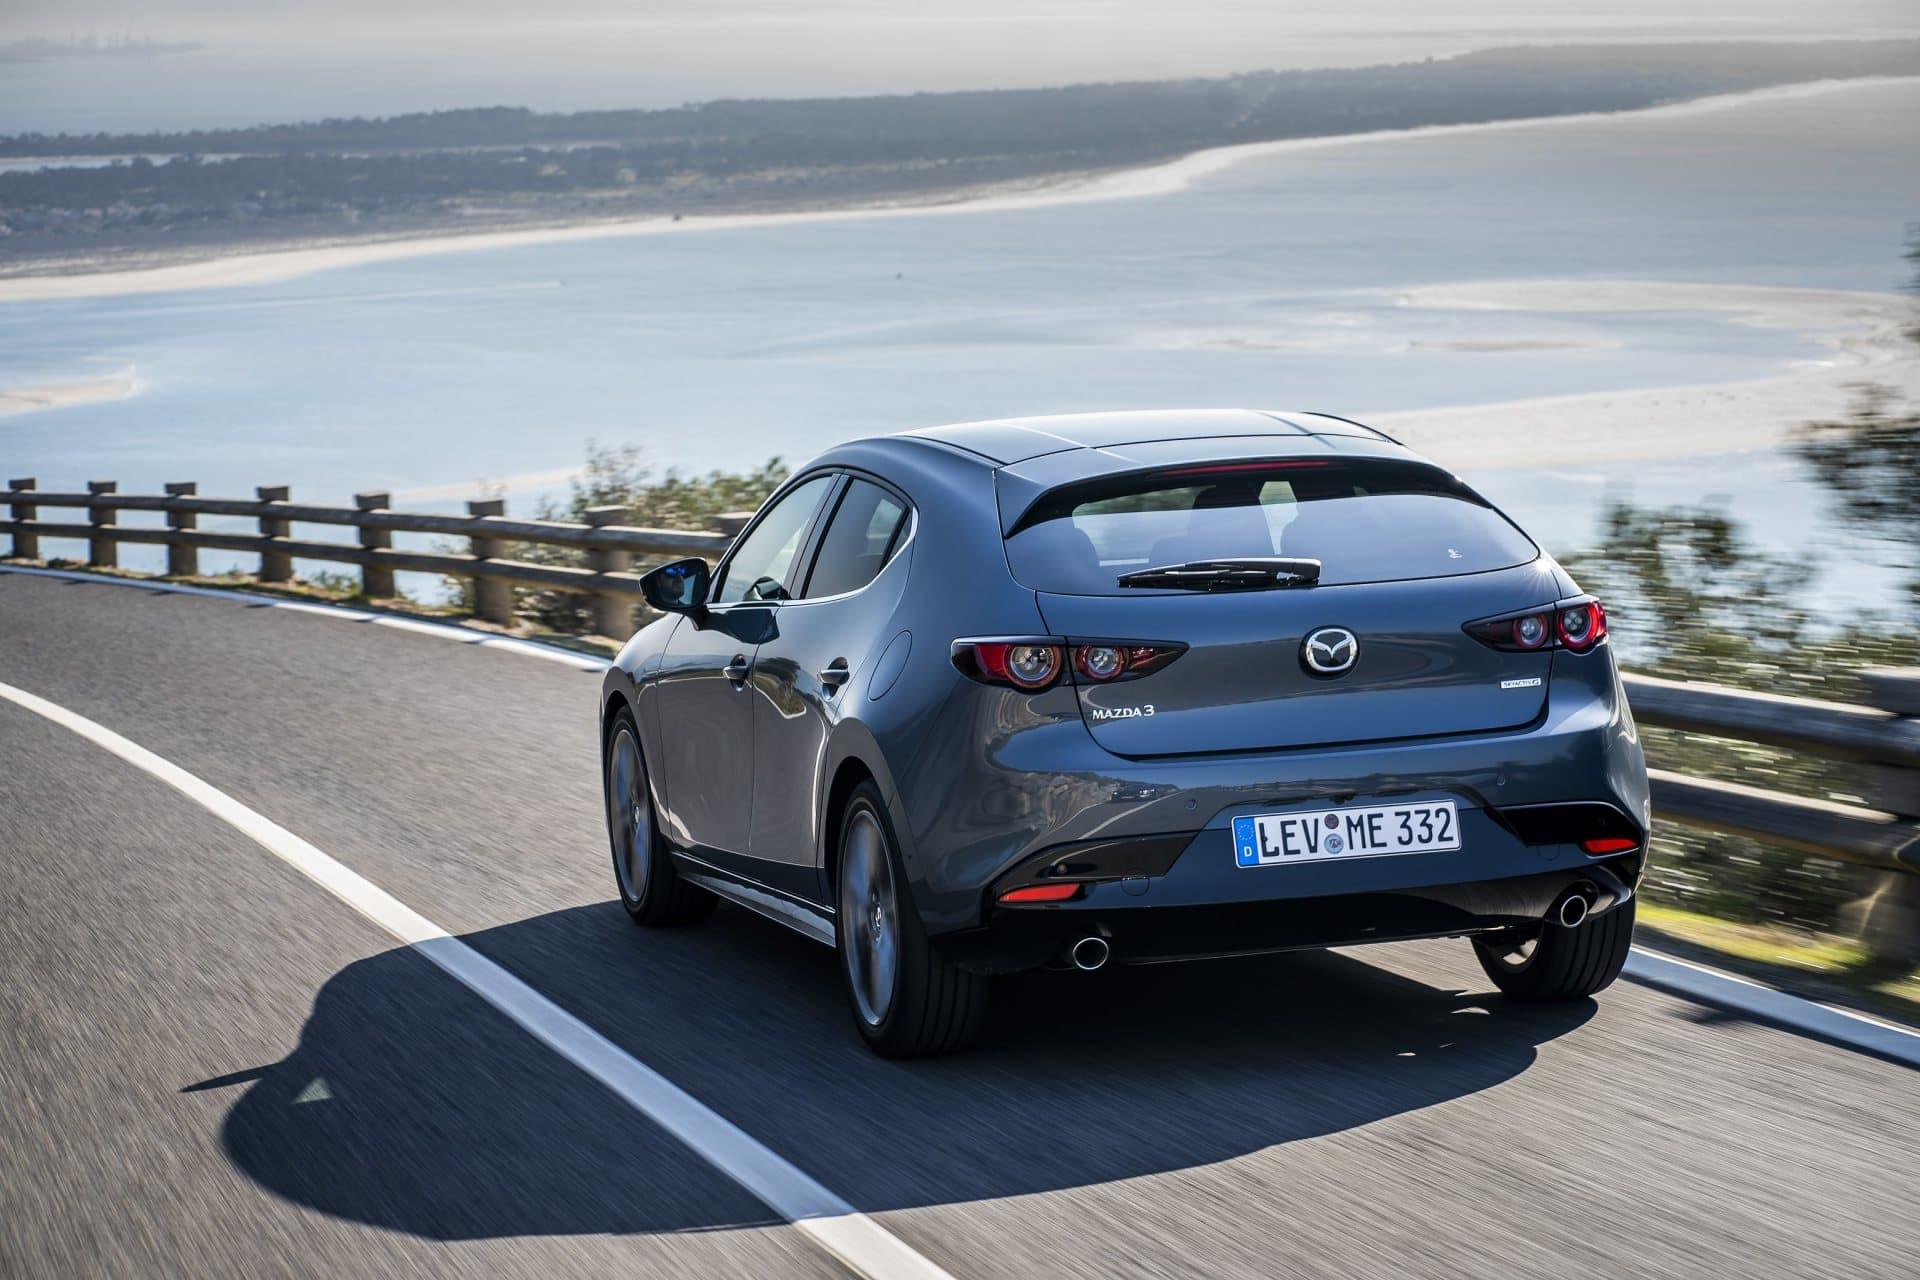 Mazda 3 Skyactiv G Oficial Gris 00106